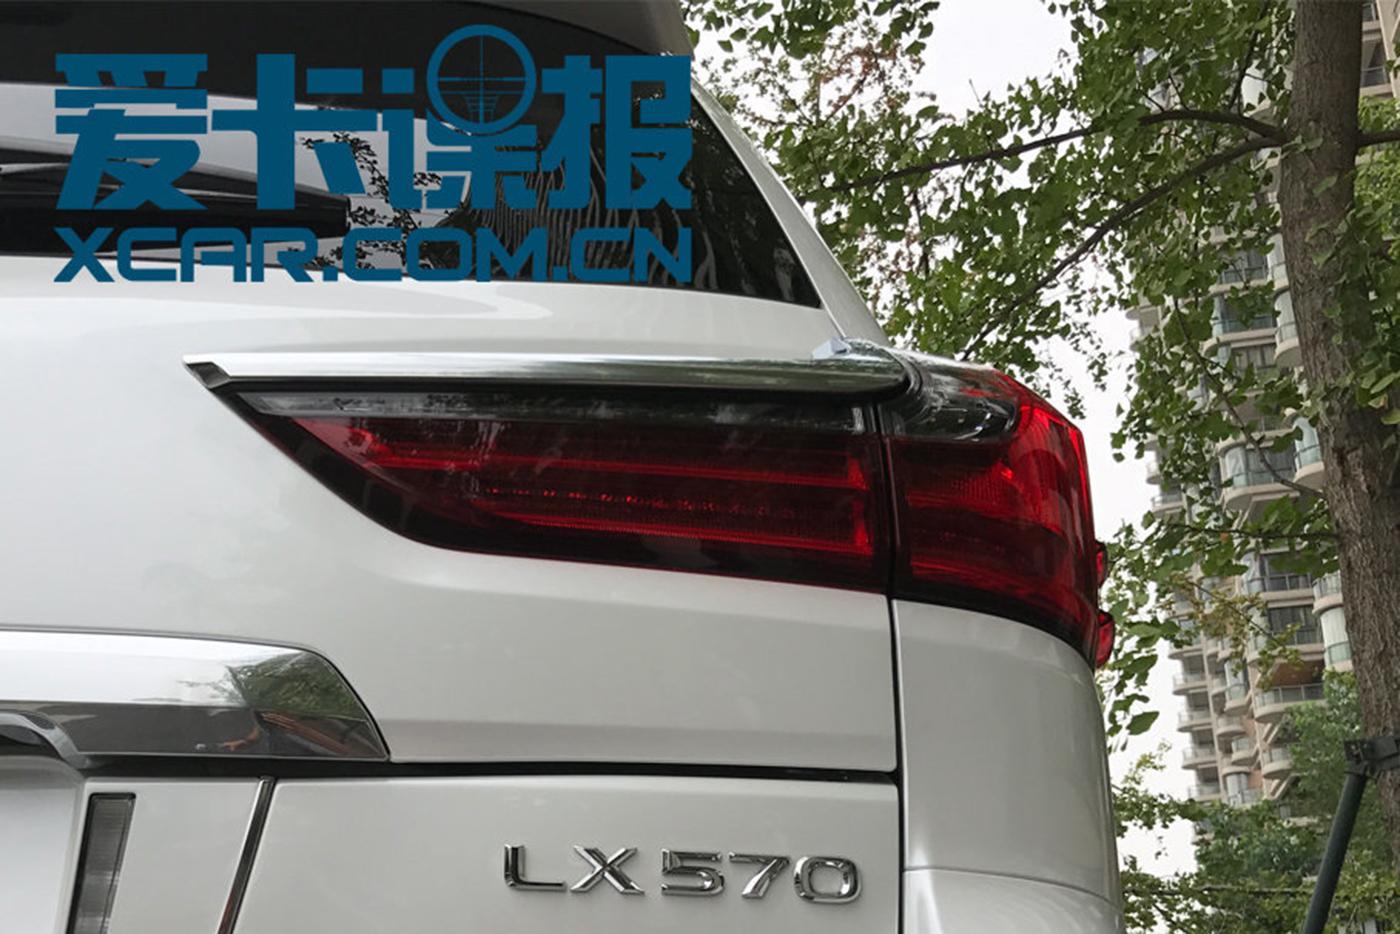 SUV hạng sang Lexus LX570 2018 trông thế nào? - ảnh 3